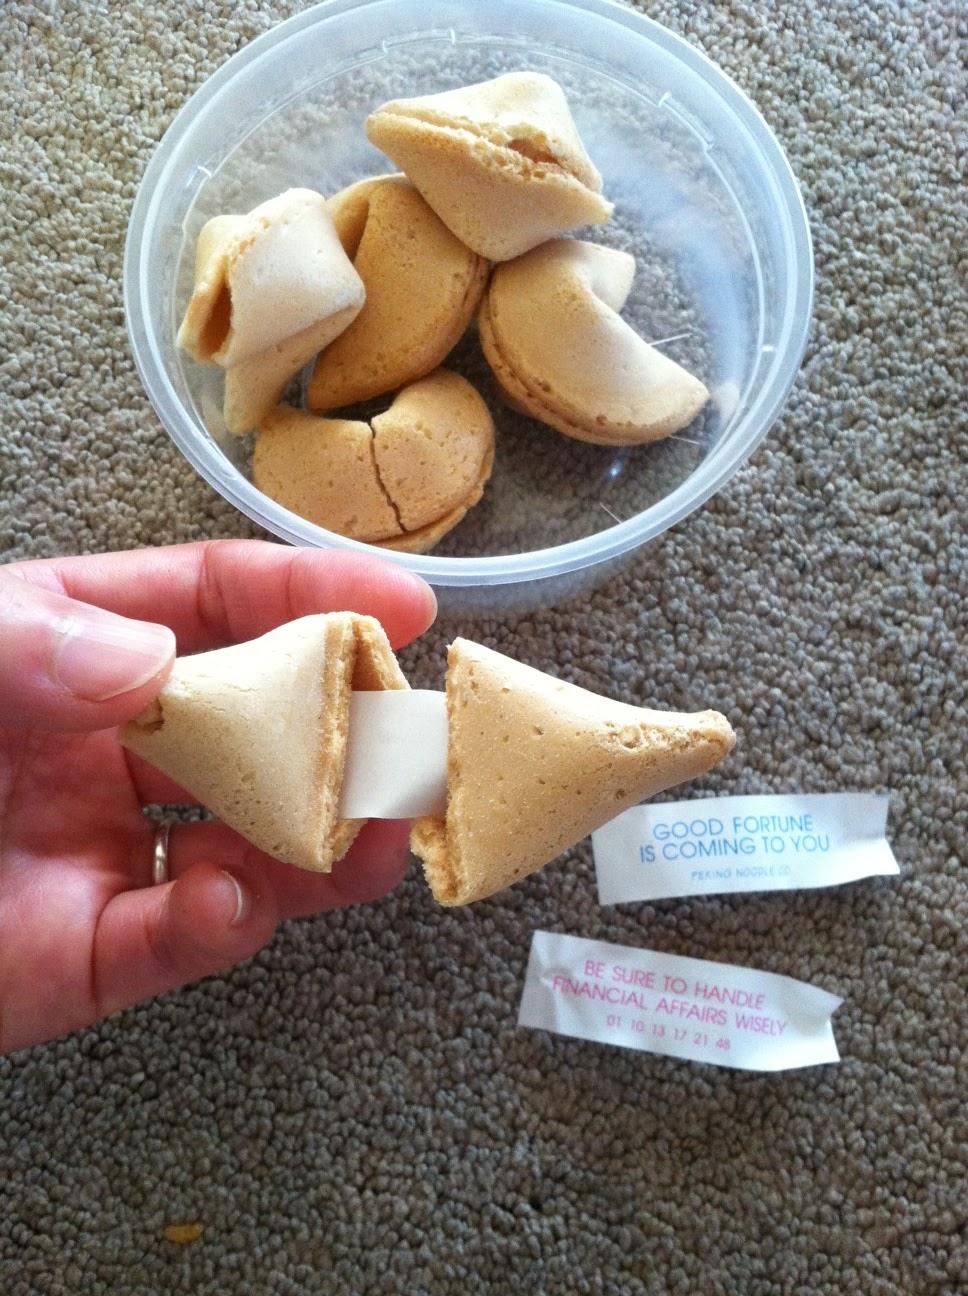 の フォーチュン 意味 クッキー